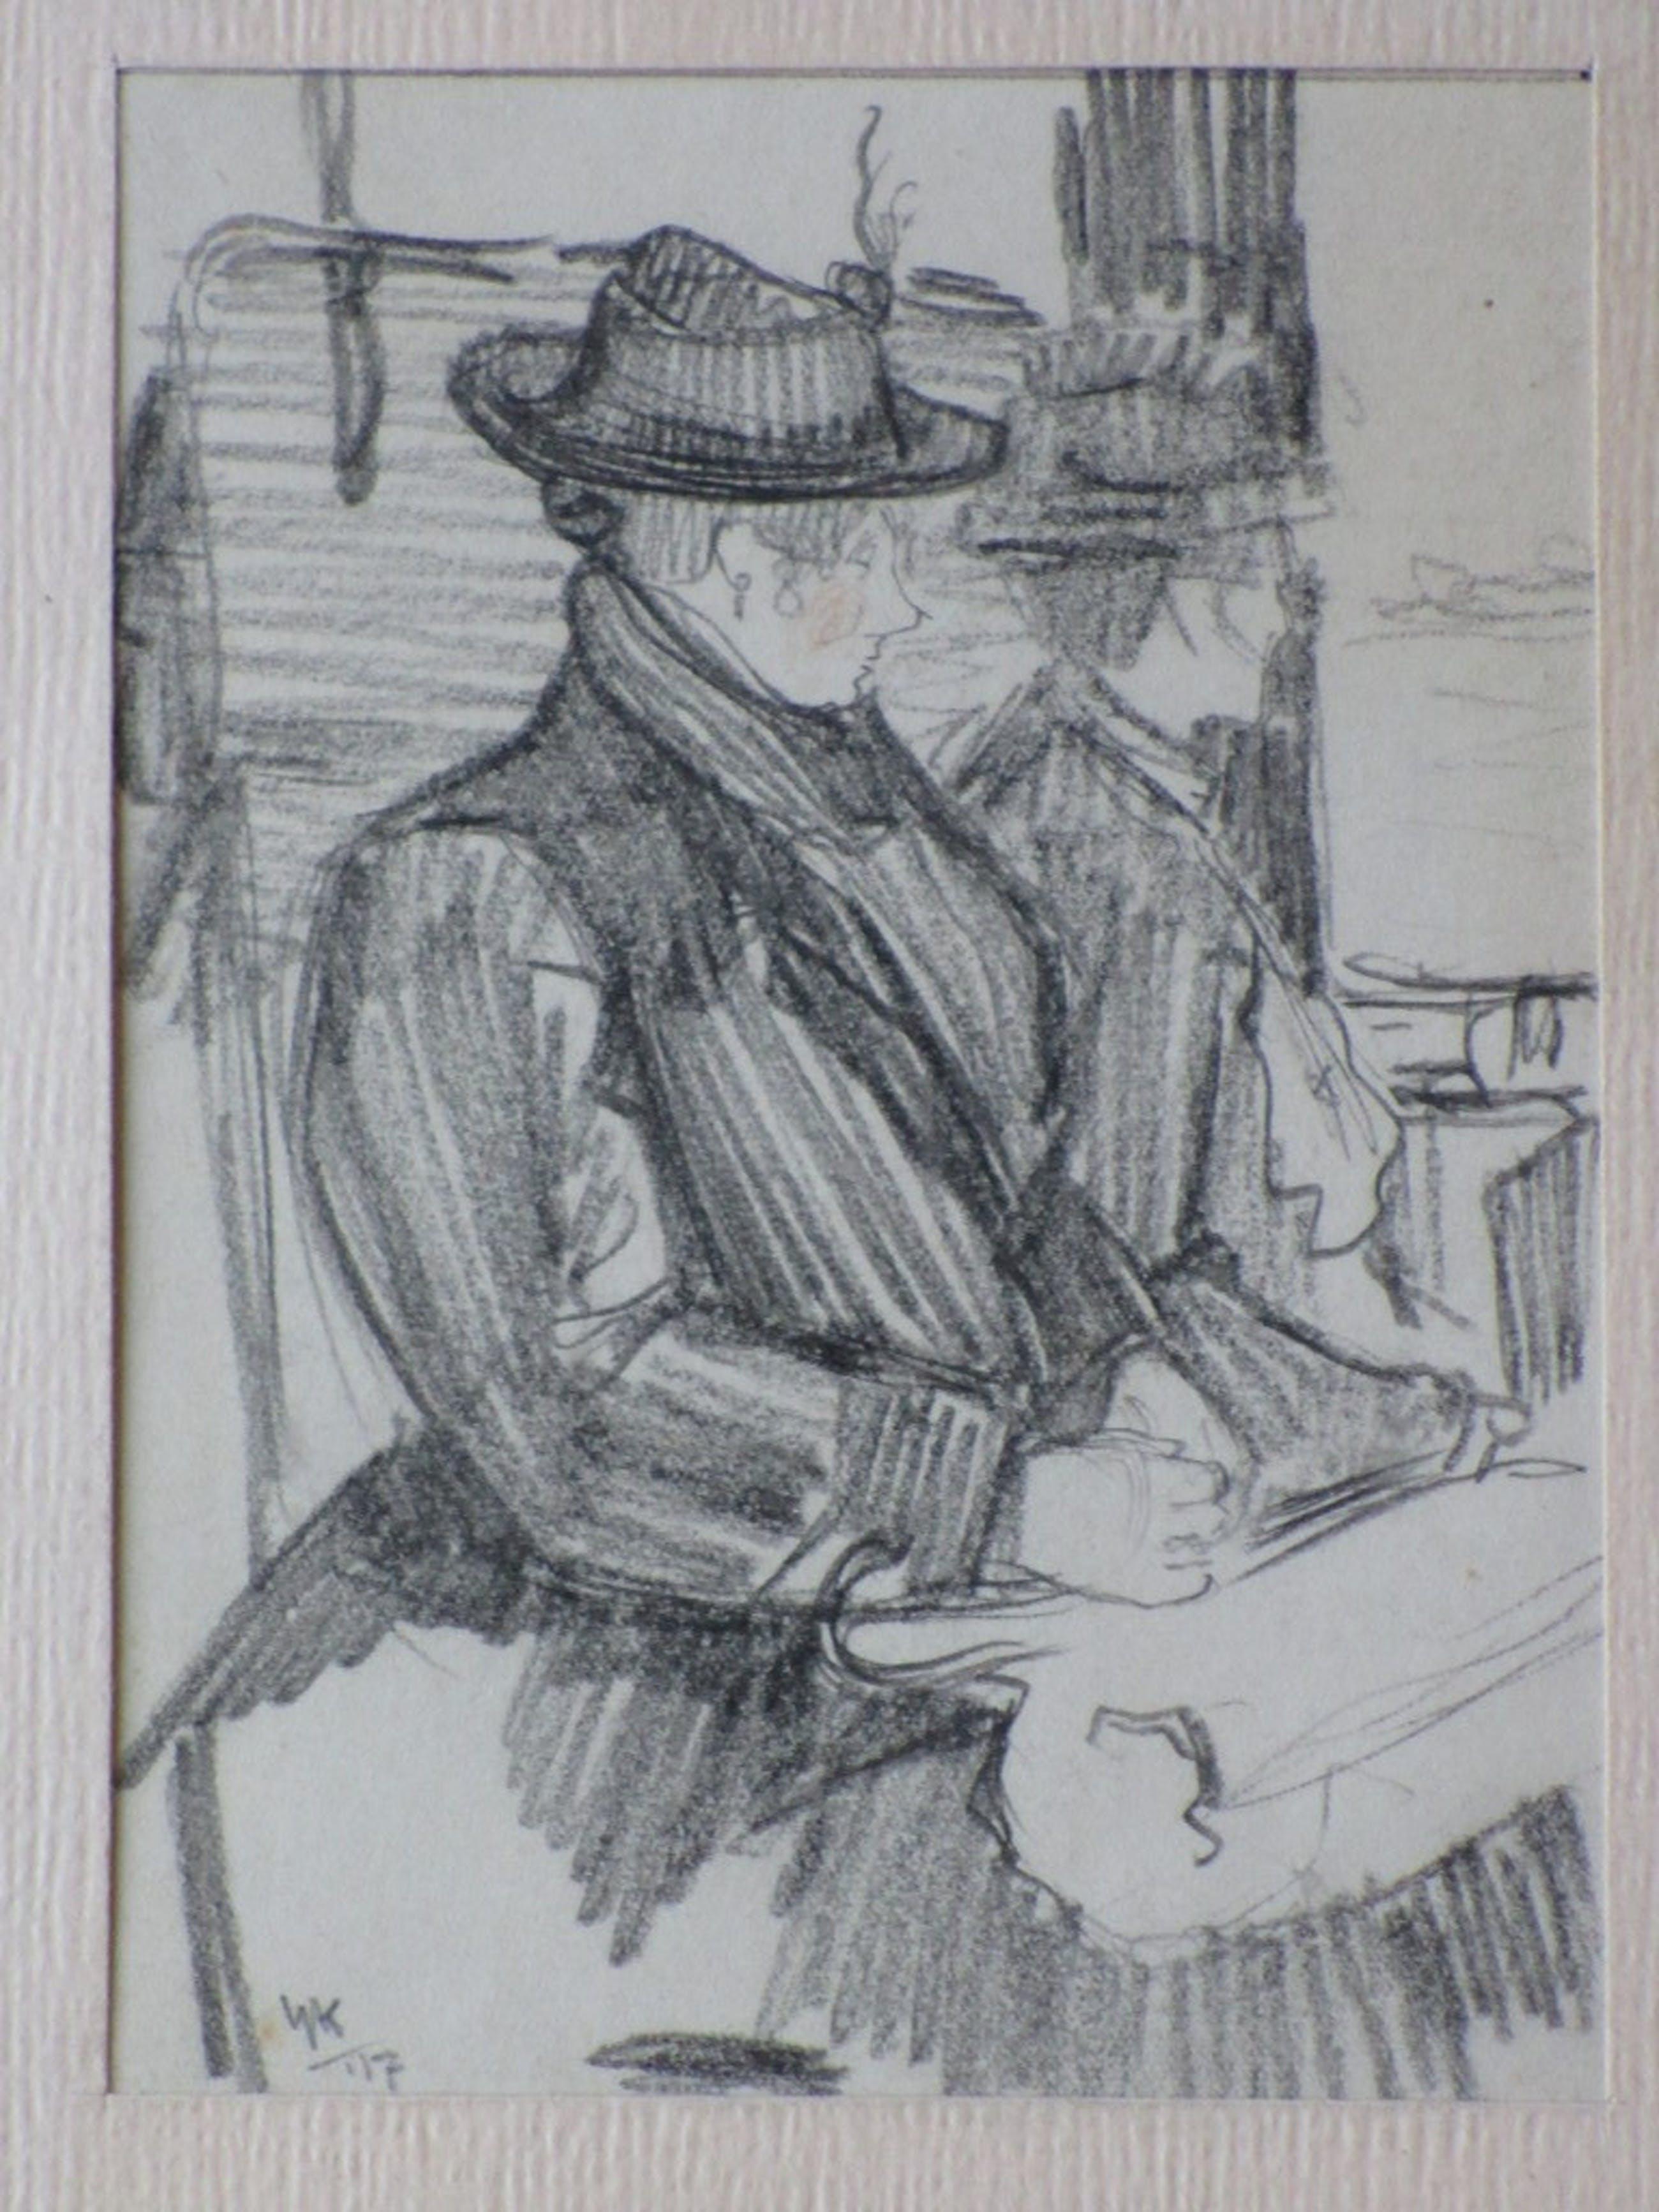 Hendrik IJkelenstam, In de trein, Tekening 1917 kopen? Bied vanaf 25!